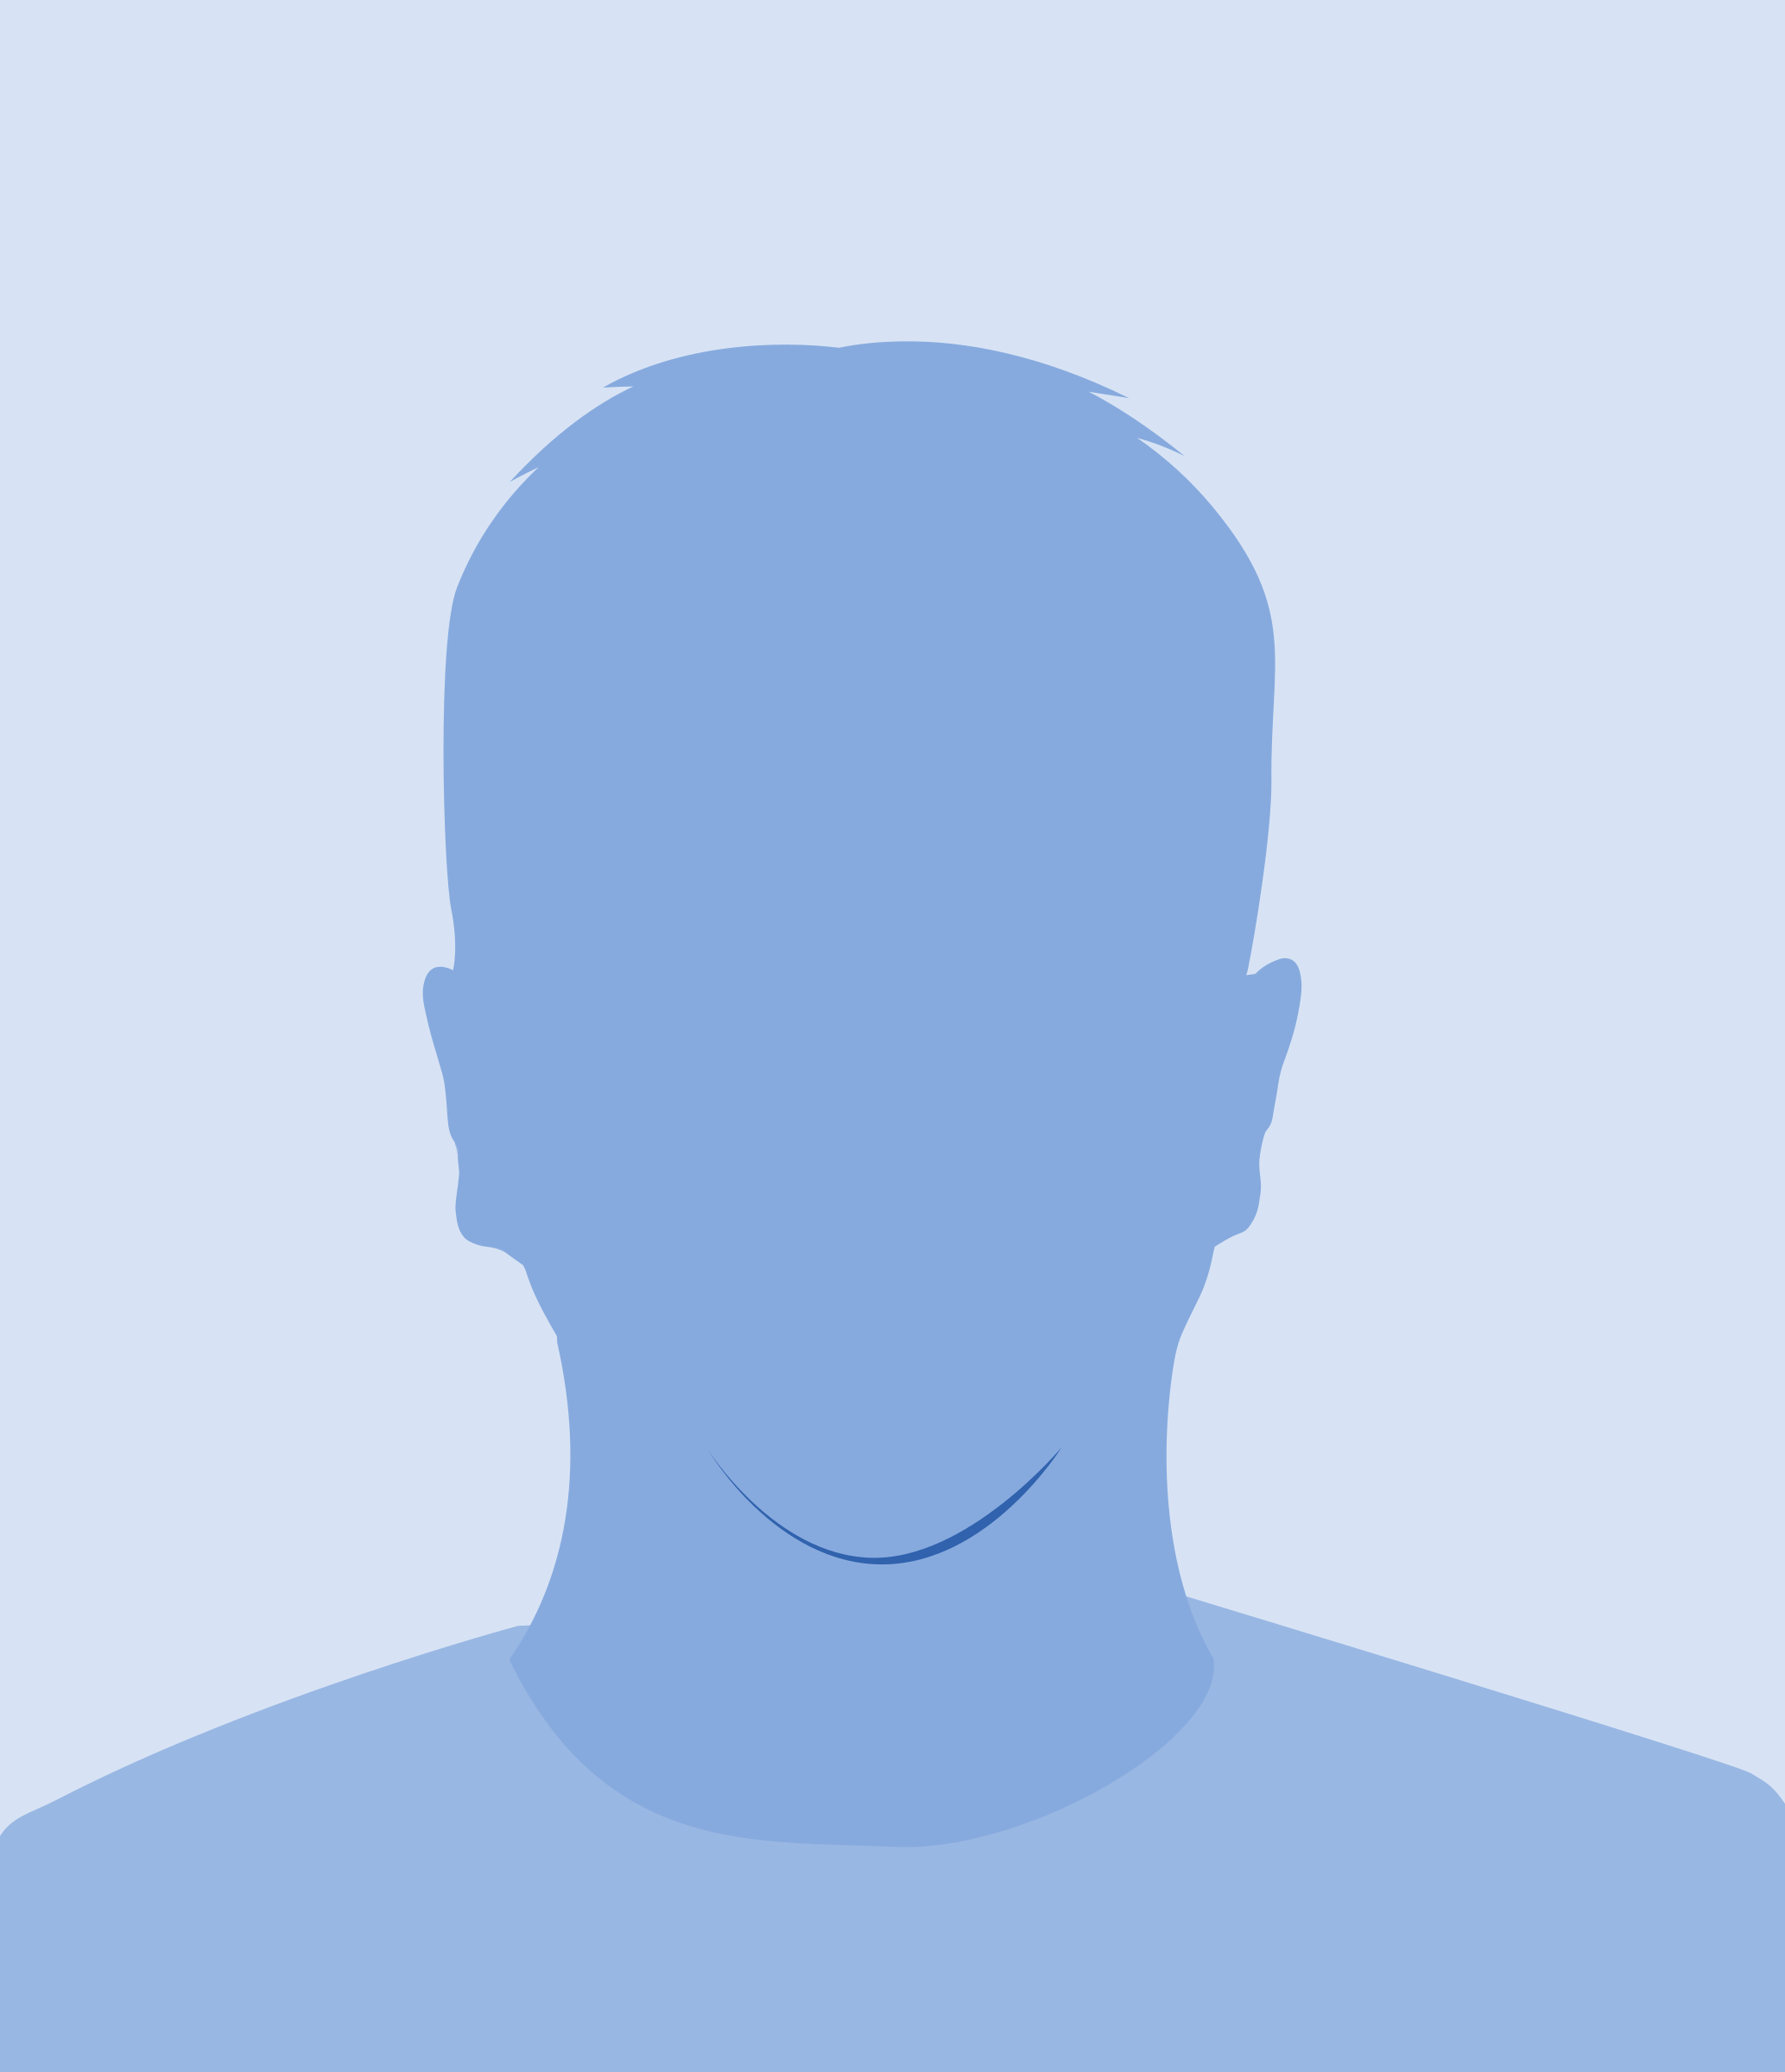 Male Avatar | Bluewire Hub Ltd